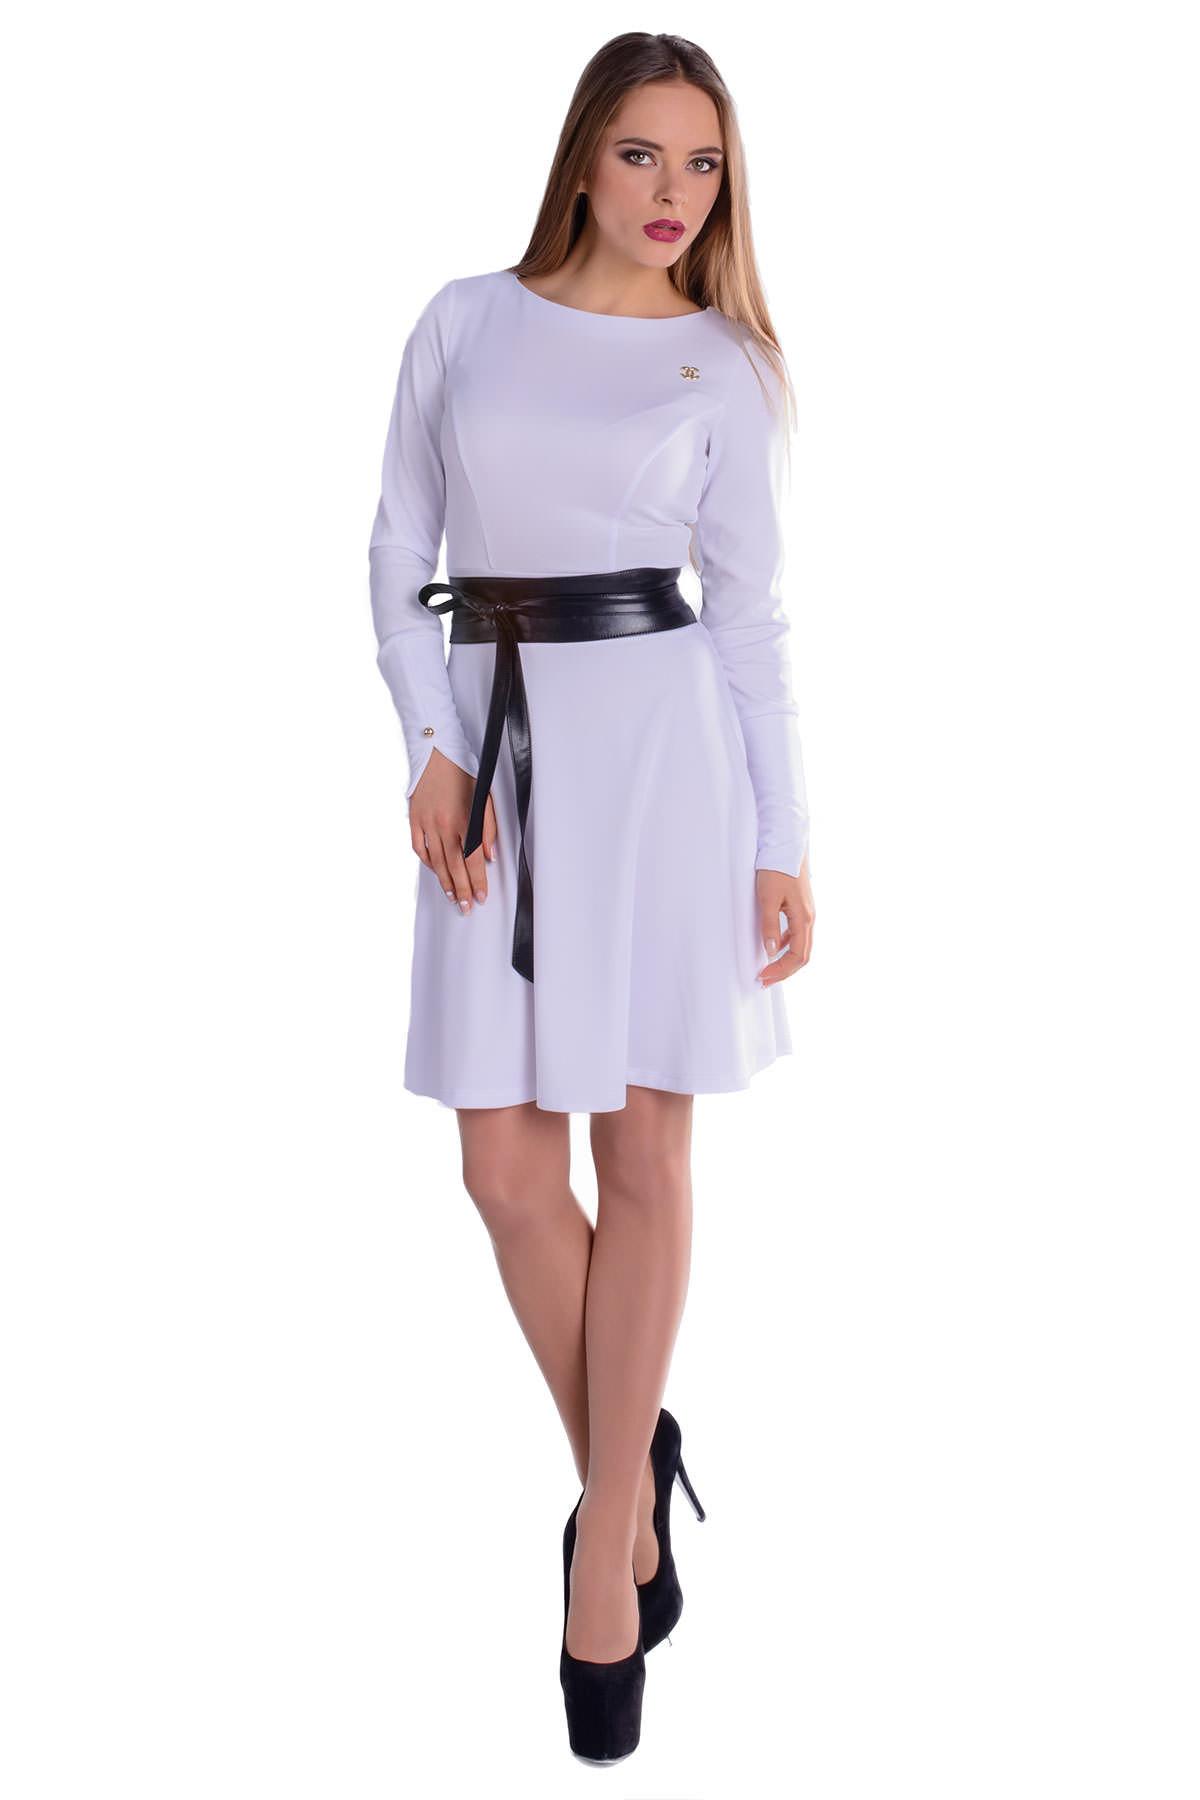 Оптом платье недорого от Modus Платье Доларис лайт 4692